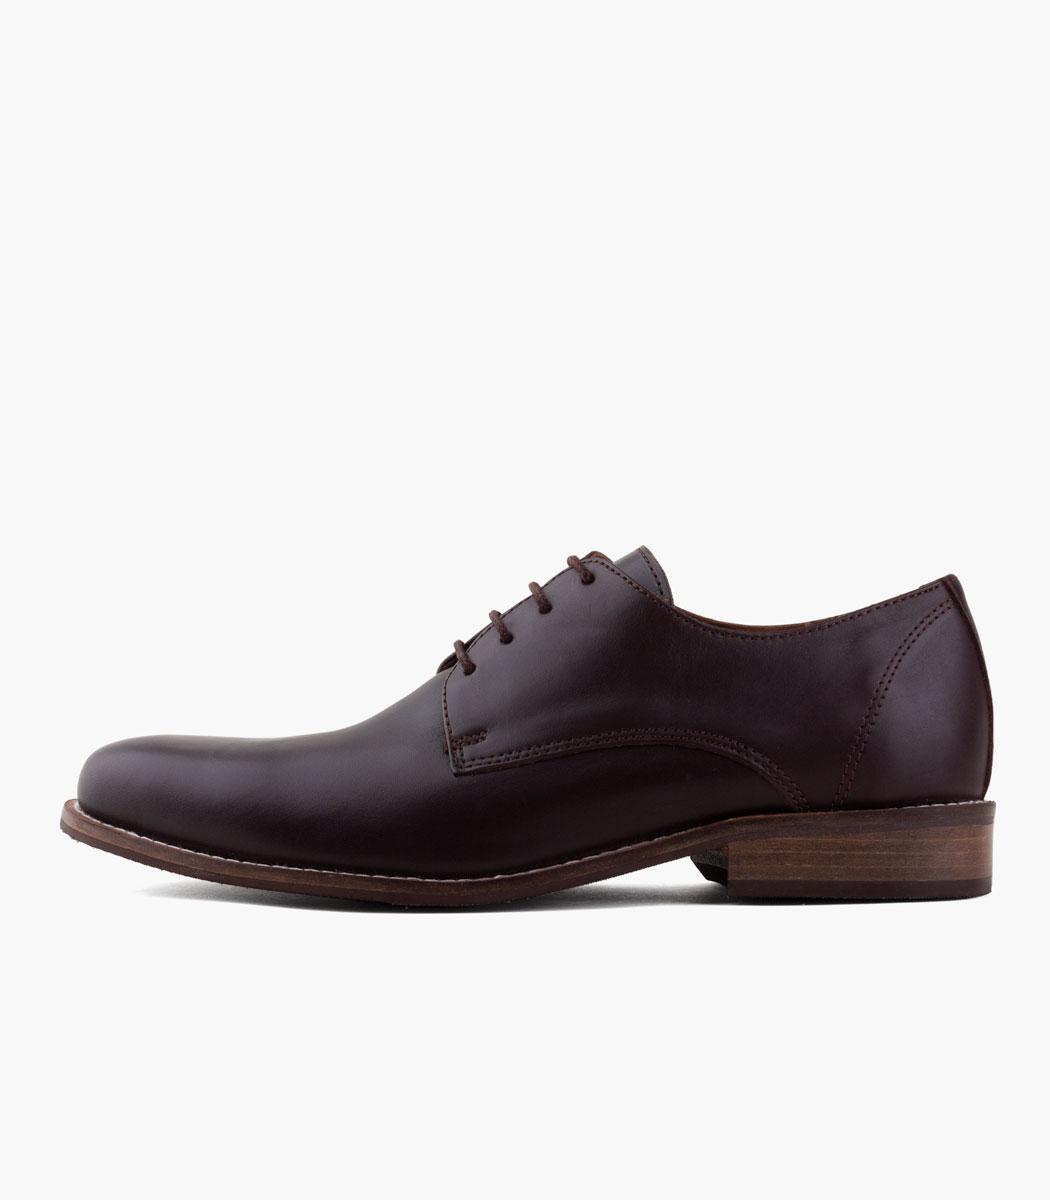 Zapato de vestir BOATING Debonair Marrón